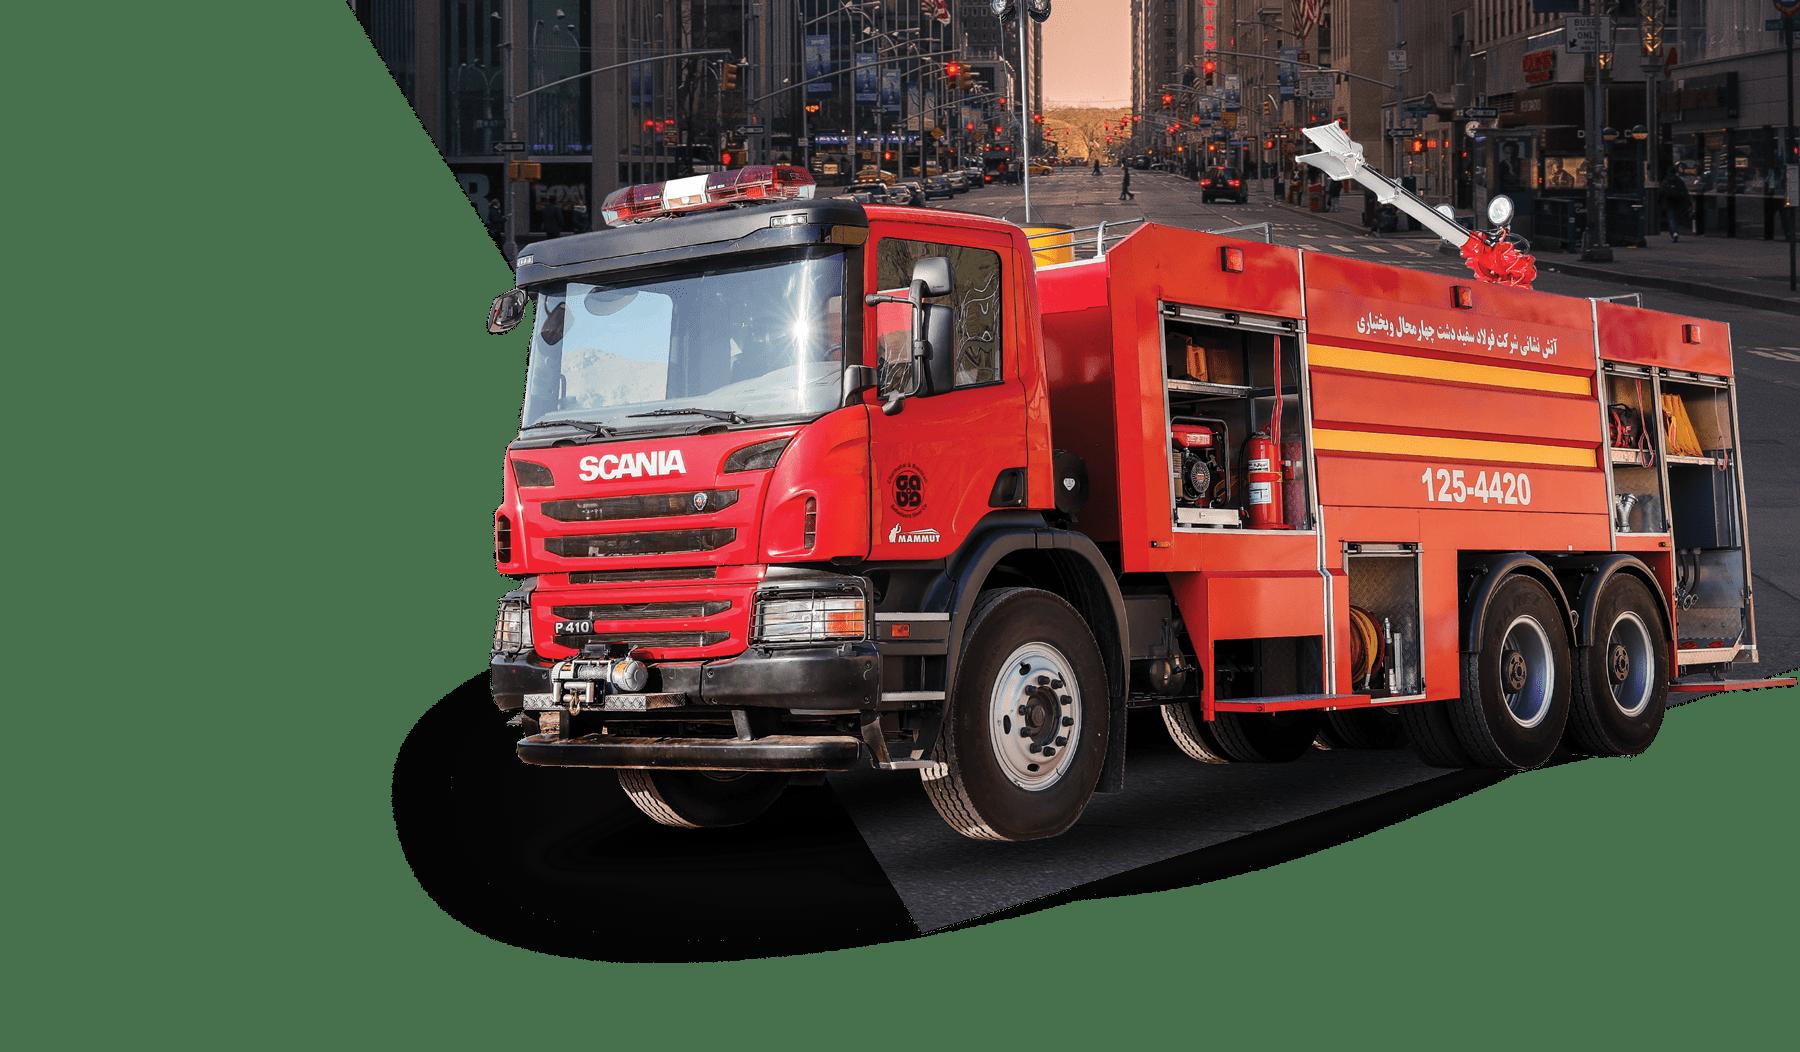 ماشین های آتش نشانی سنگین | ماشین آتش نشانی آتش مهاران